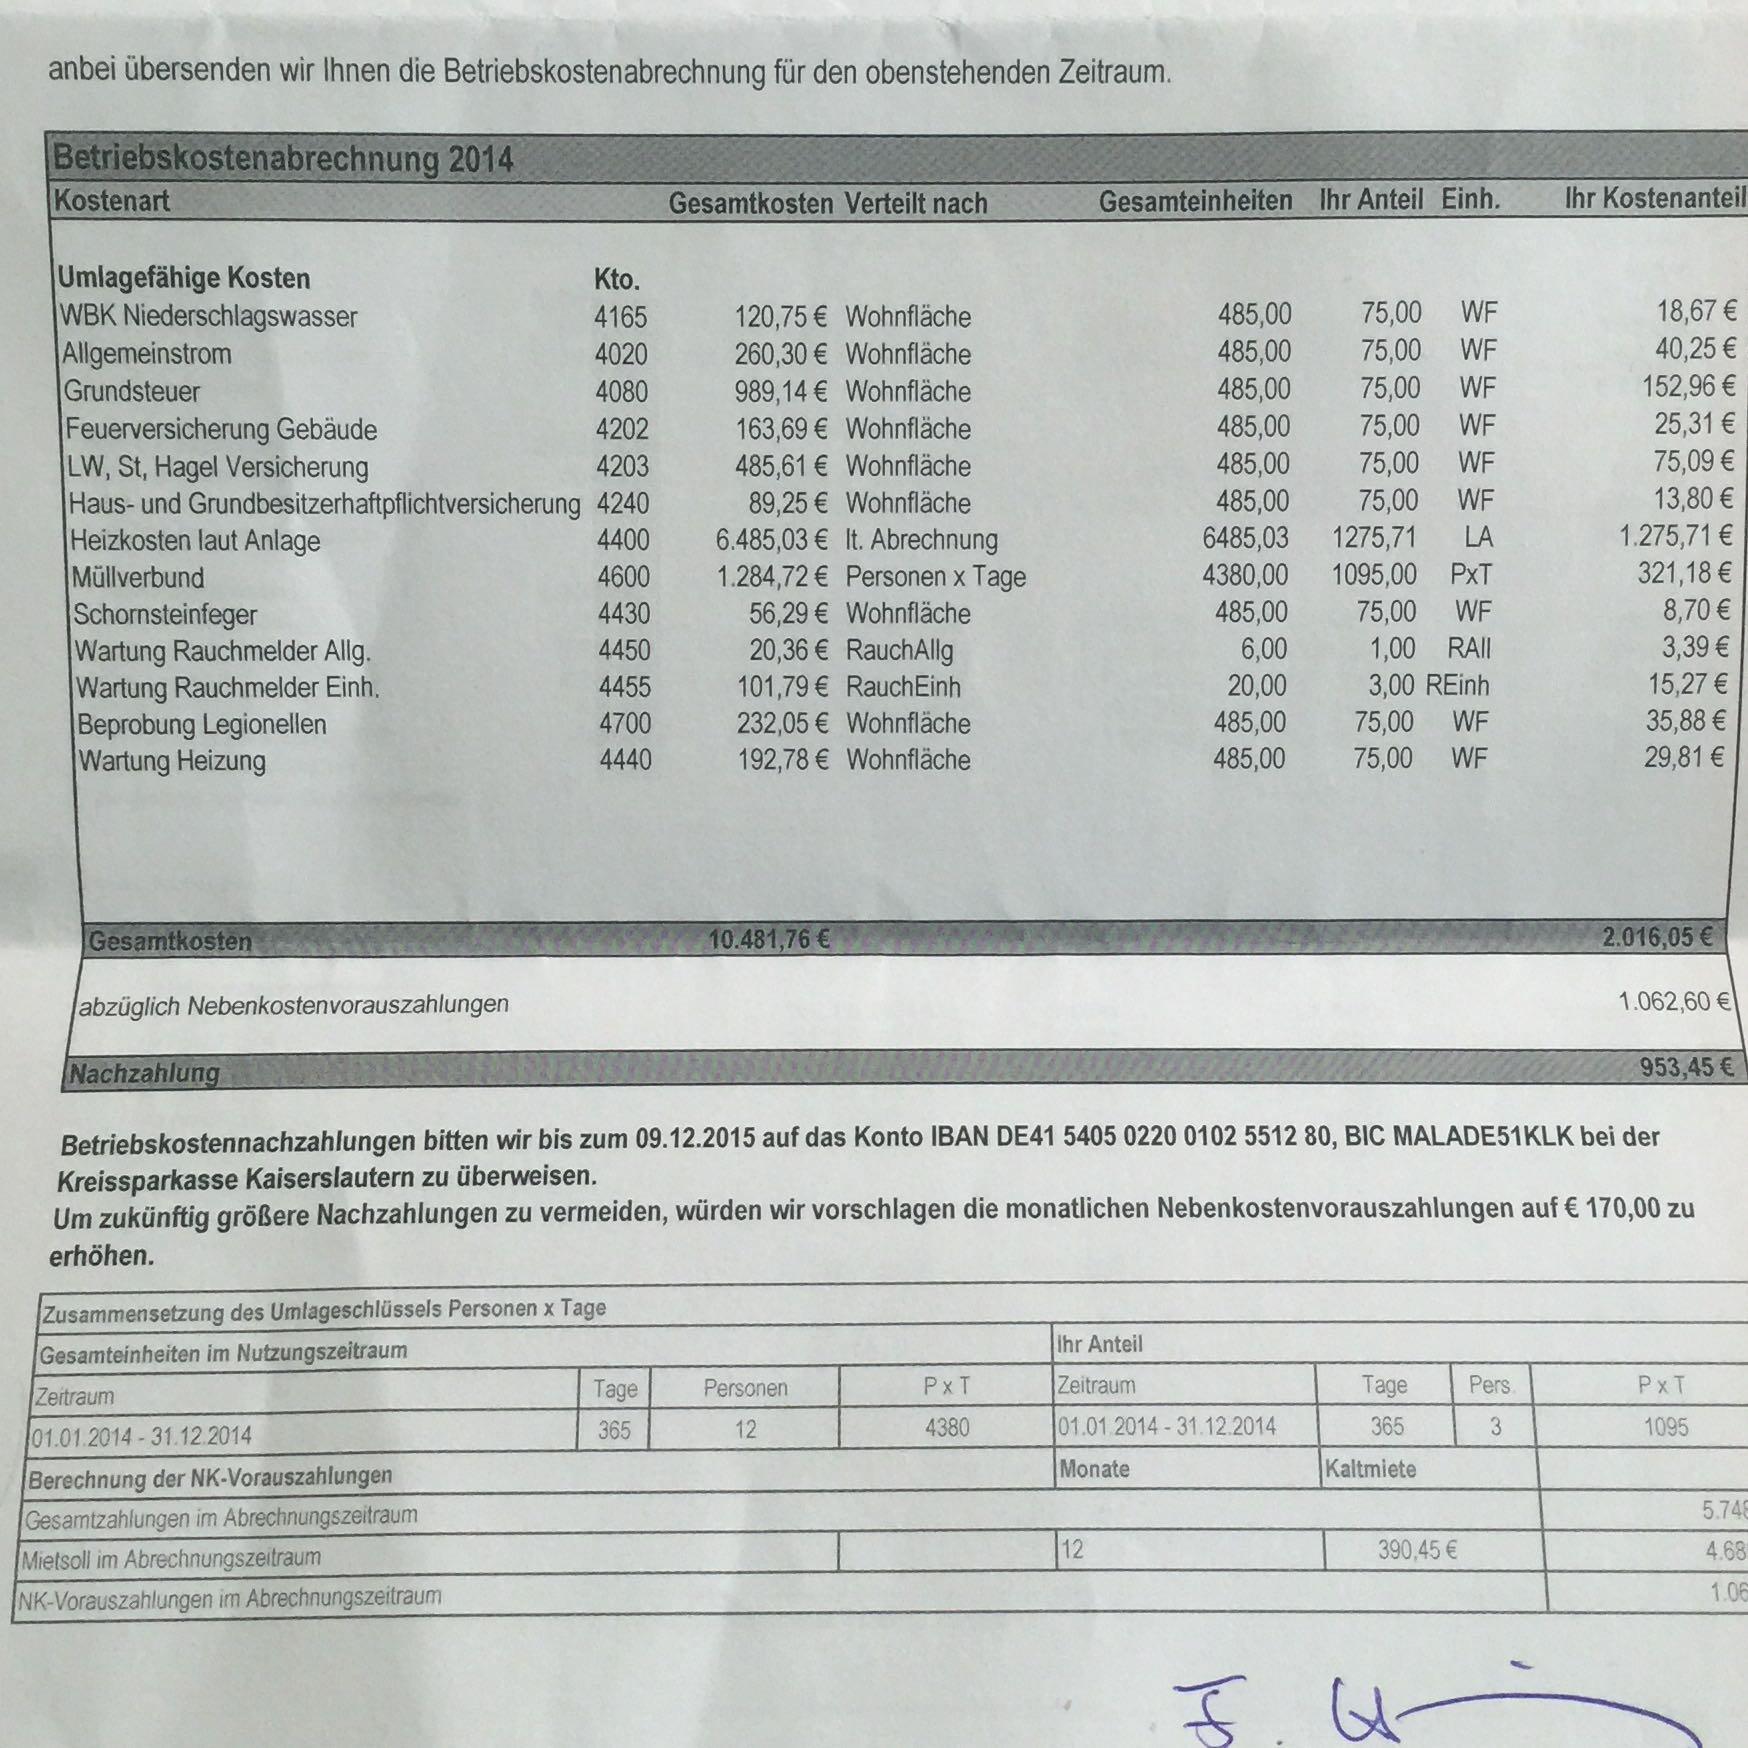 Wohnzimmerz Nebenkostenabrechnung Haus With Nebenkostenabrechnung